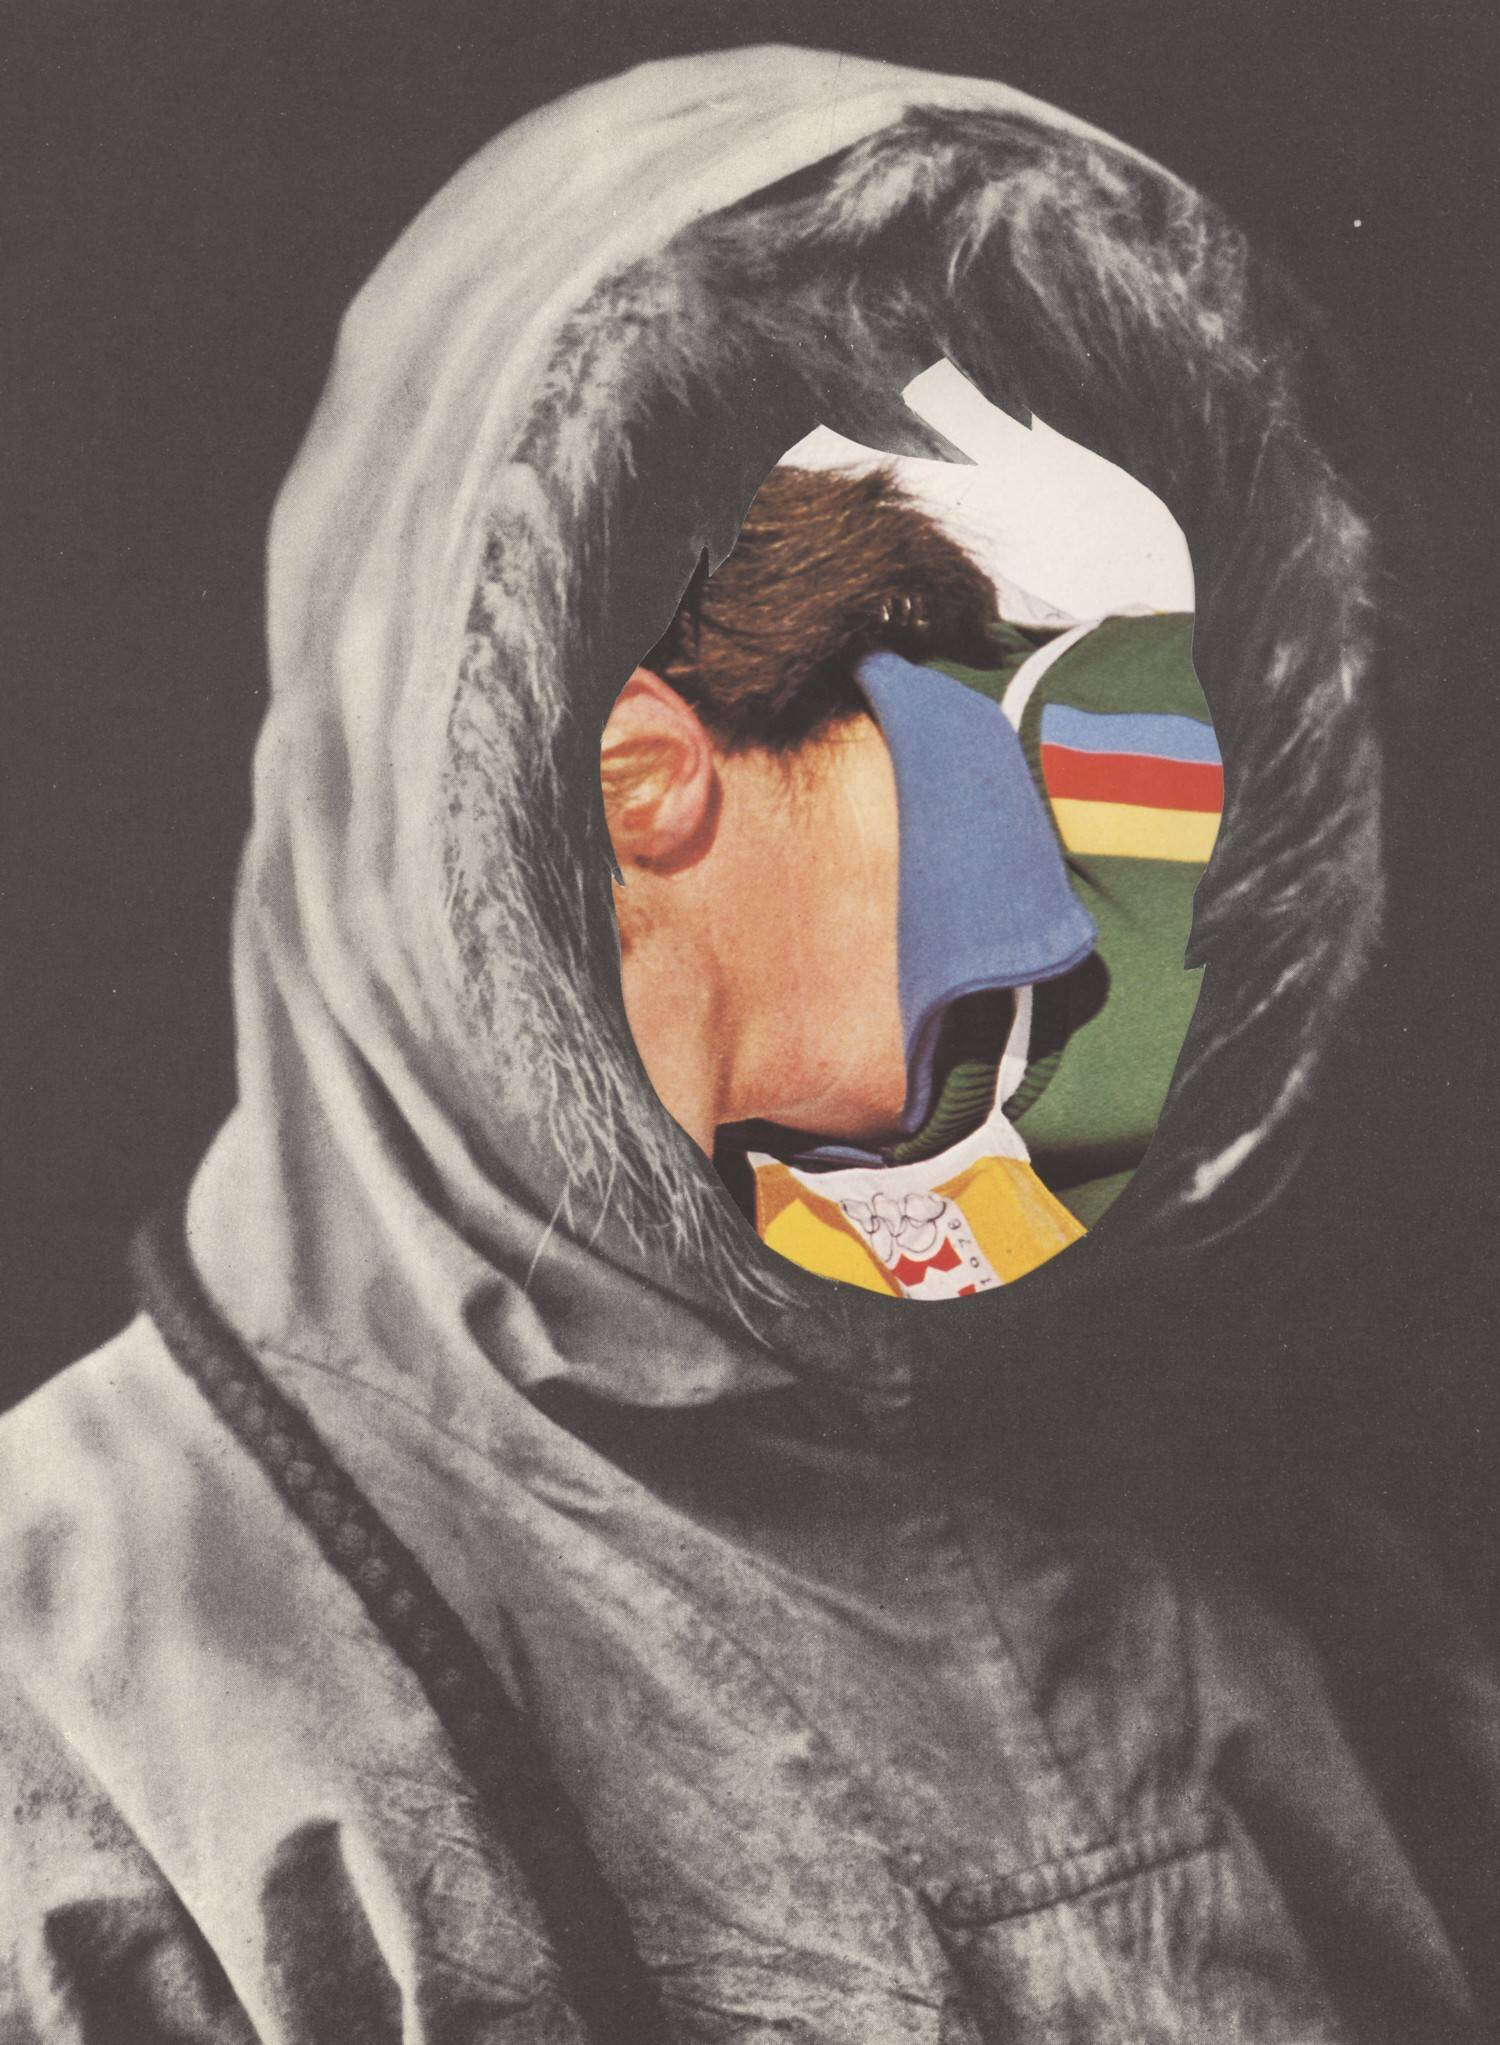 Konstruktivist  2008, 27 x 19,5 cm, Collage